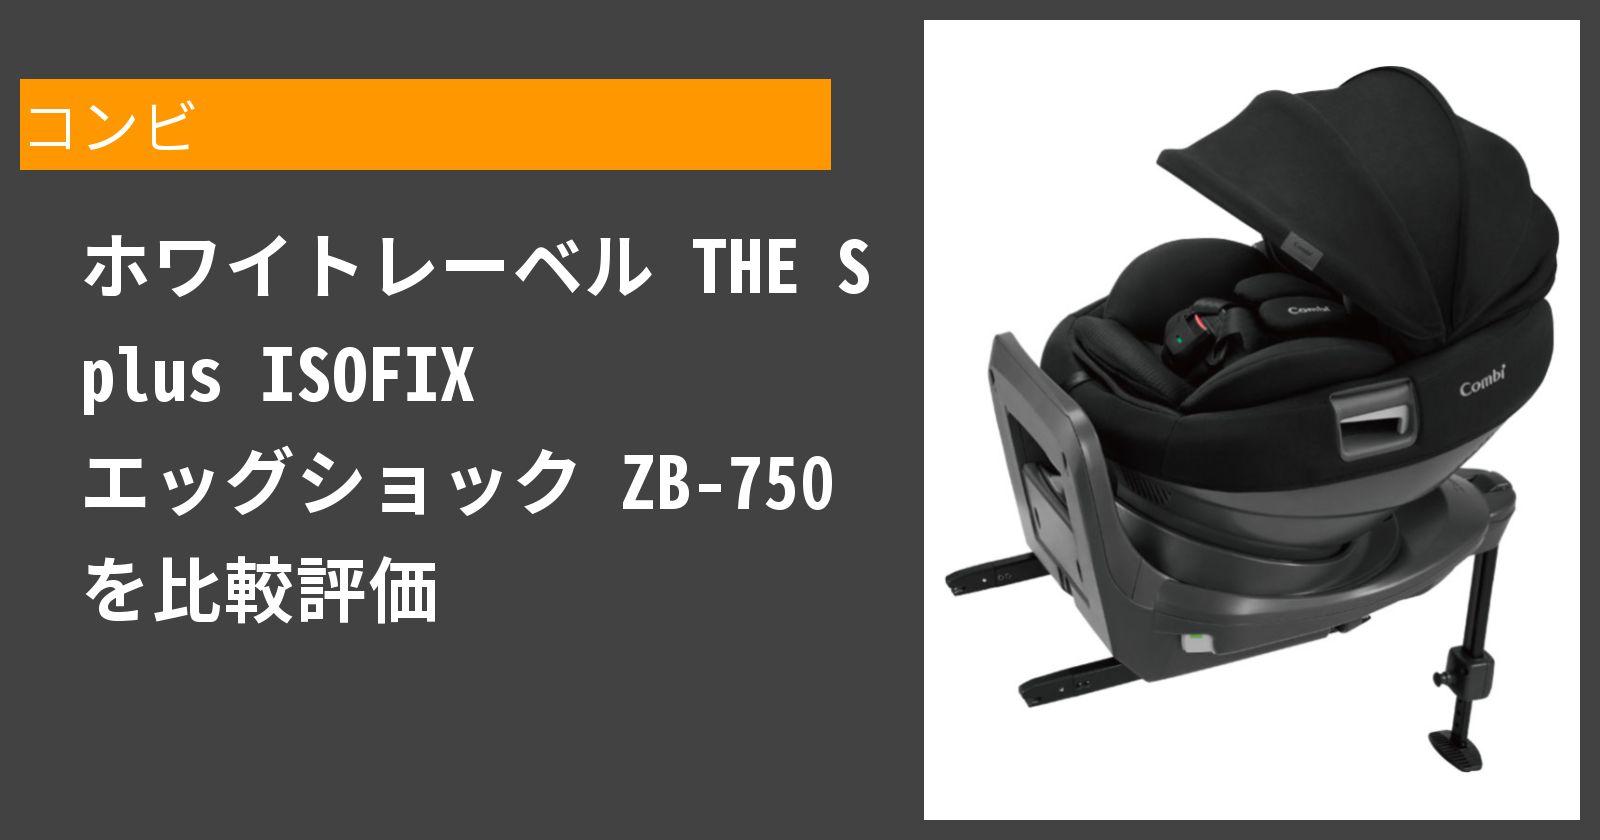 ホワイトレーベル THE S plus ISOFIX エッグショック ZB-750を徹底評価